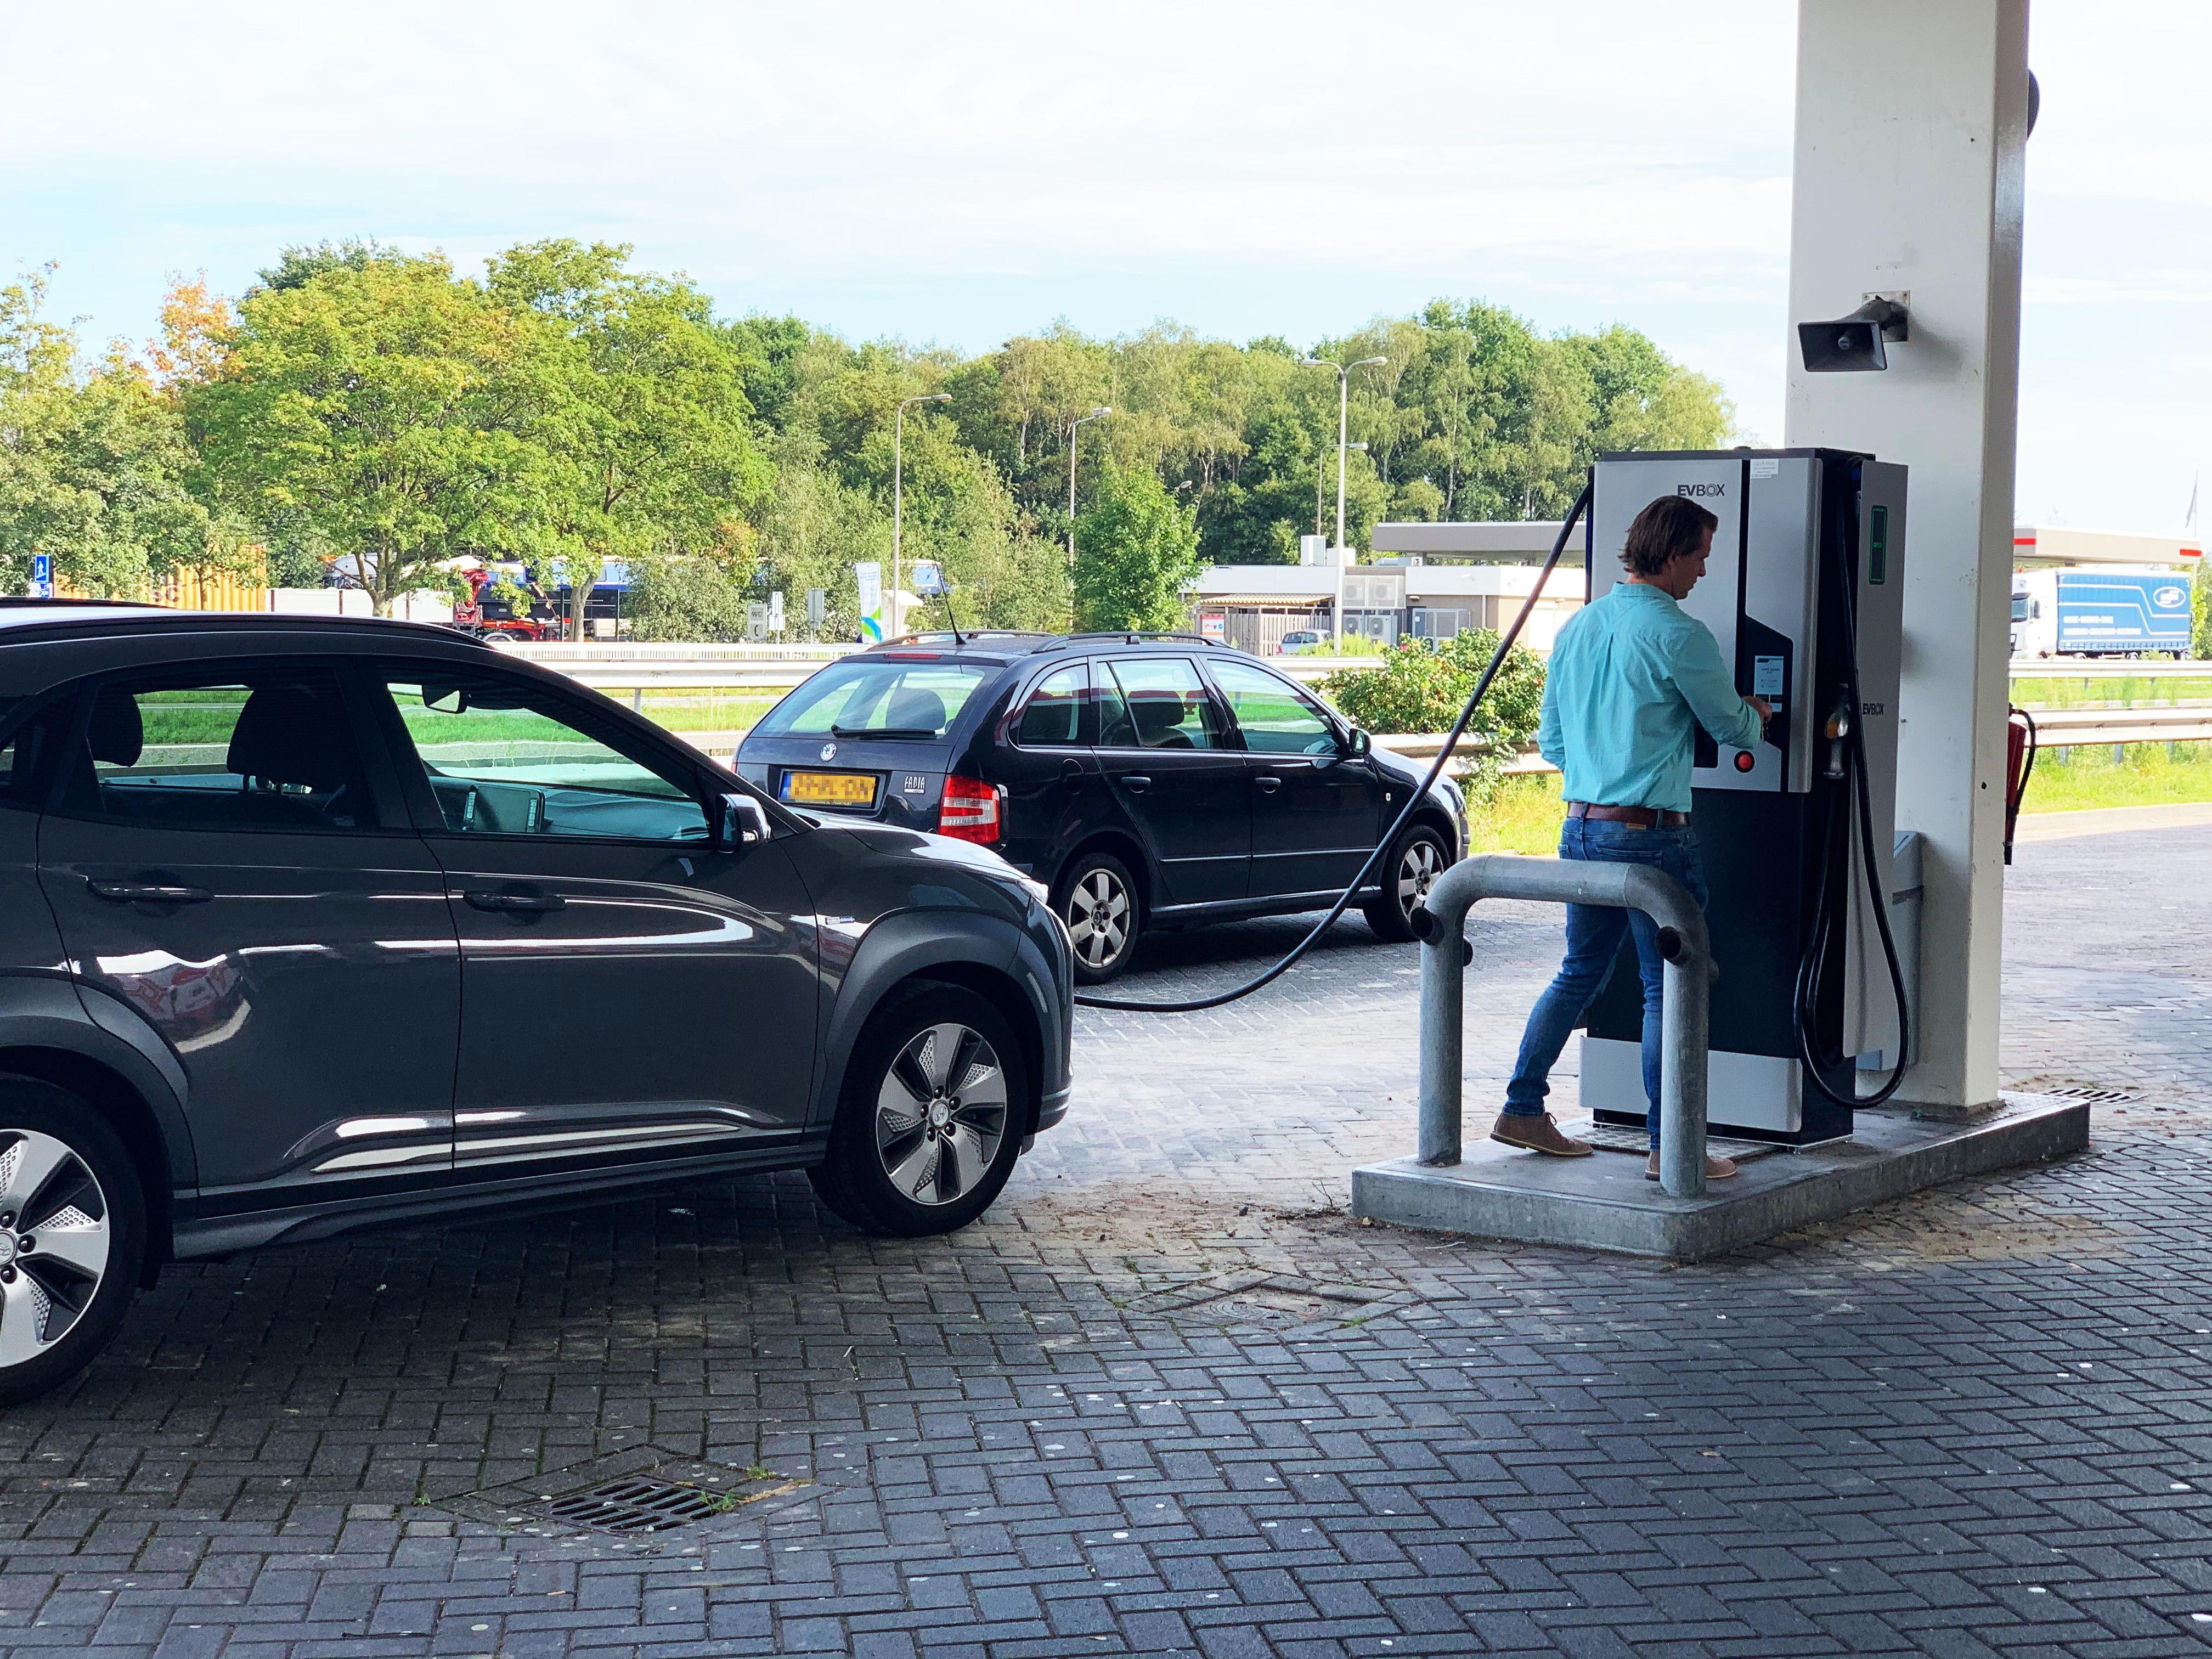 Chargeur rapide EVBox Troniq 50 installé dans une station service aux Pays-Bas